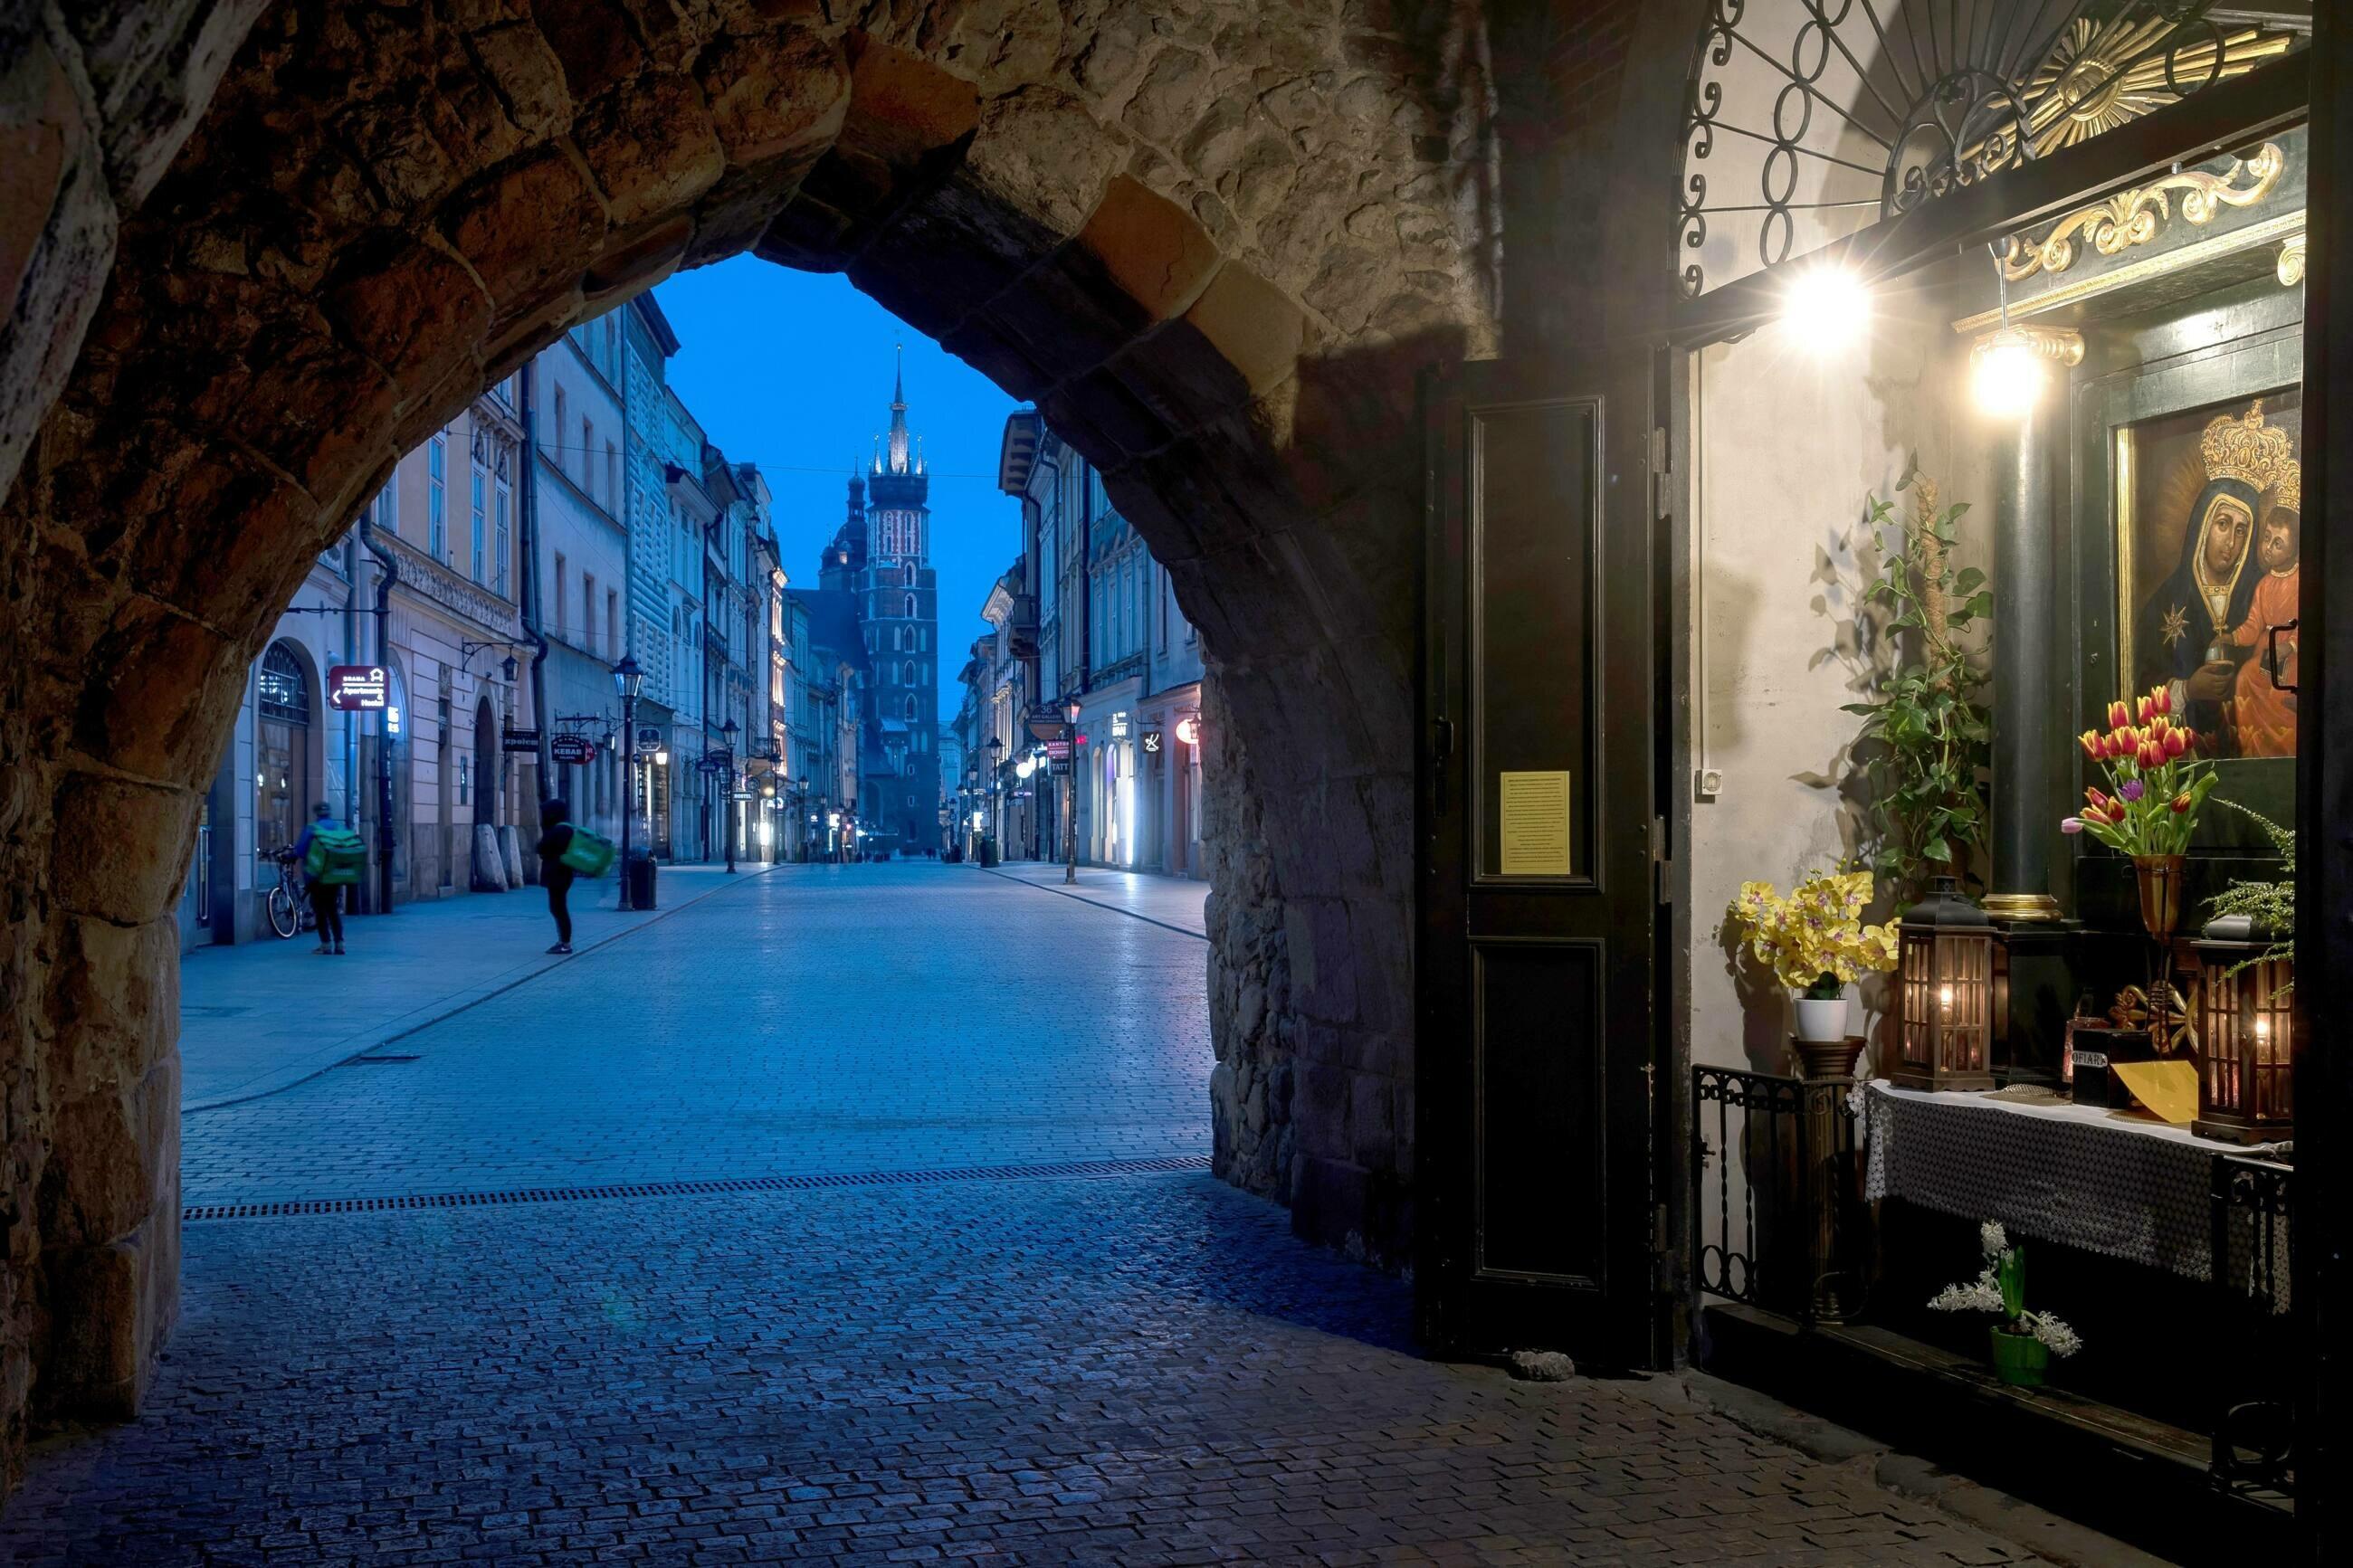 Brama Floiańska z kapliczką w Krakowie